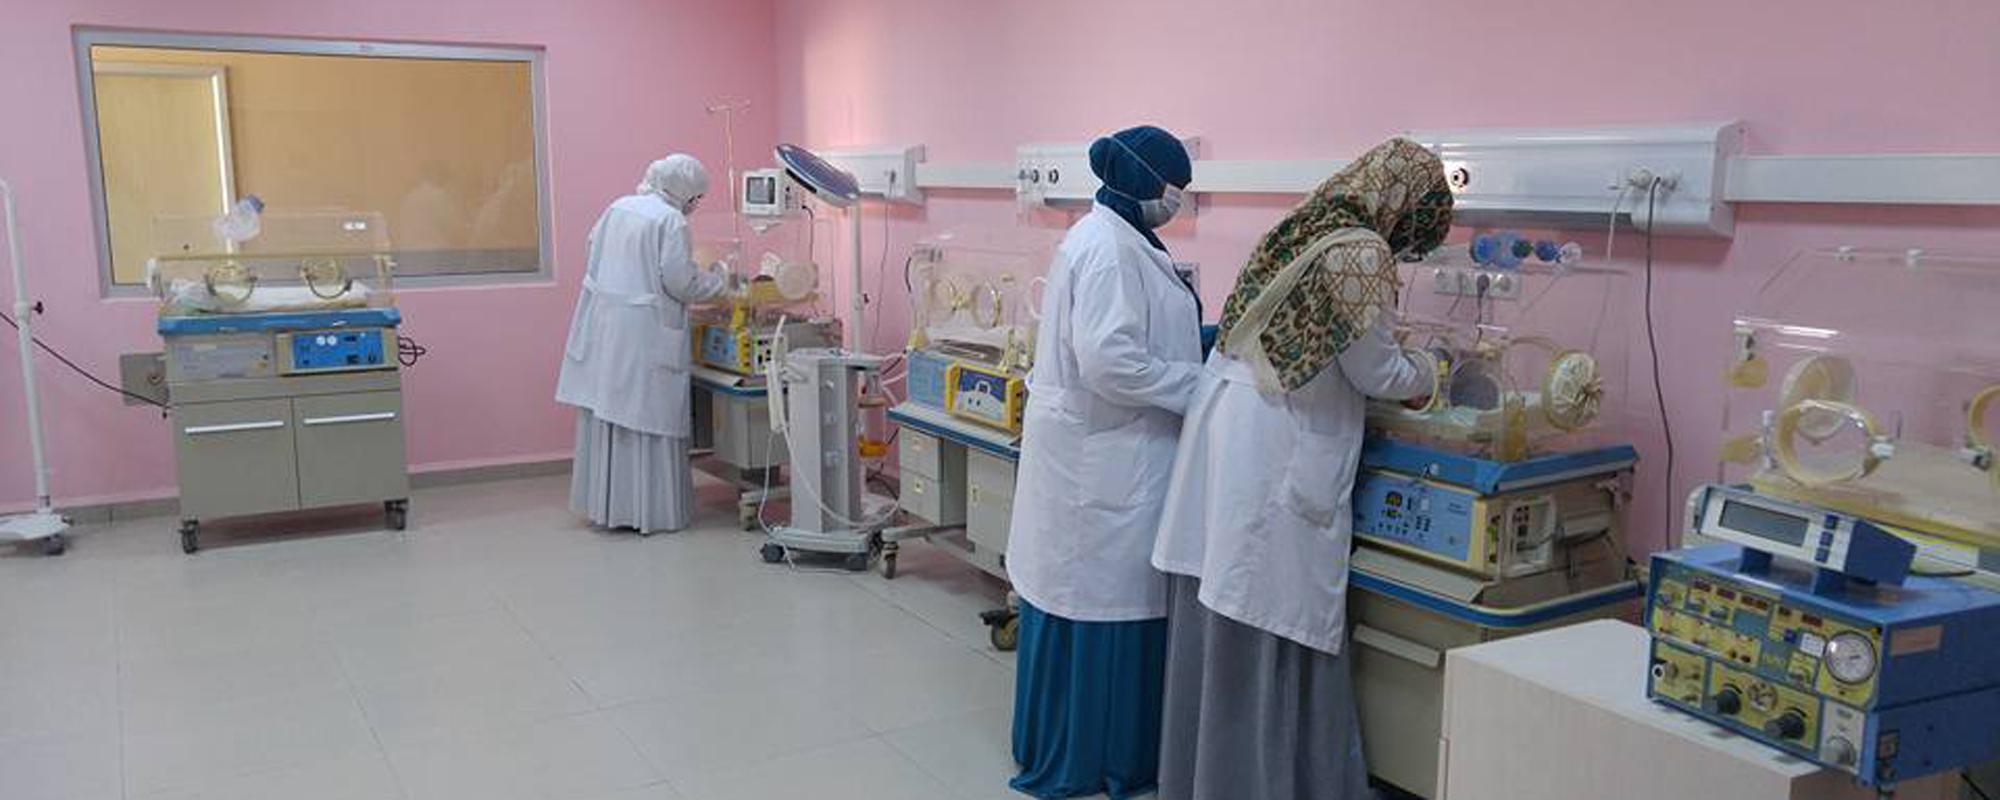 Yardimeli <span>Hospital</span>